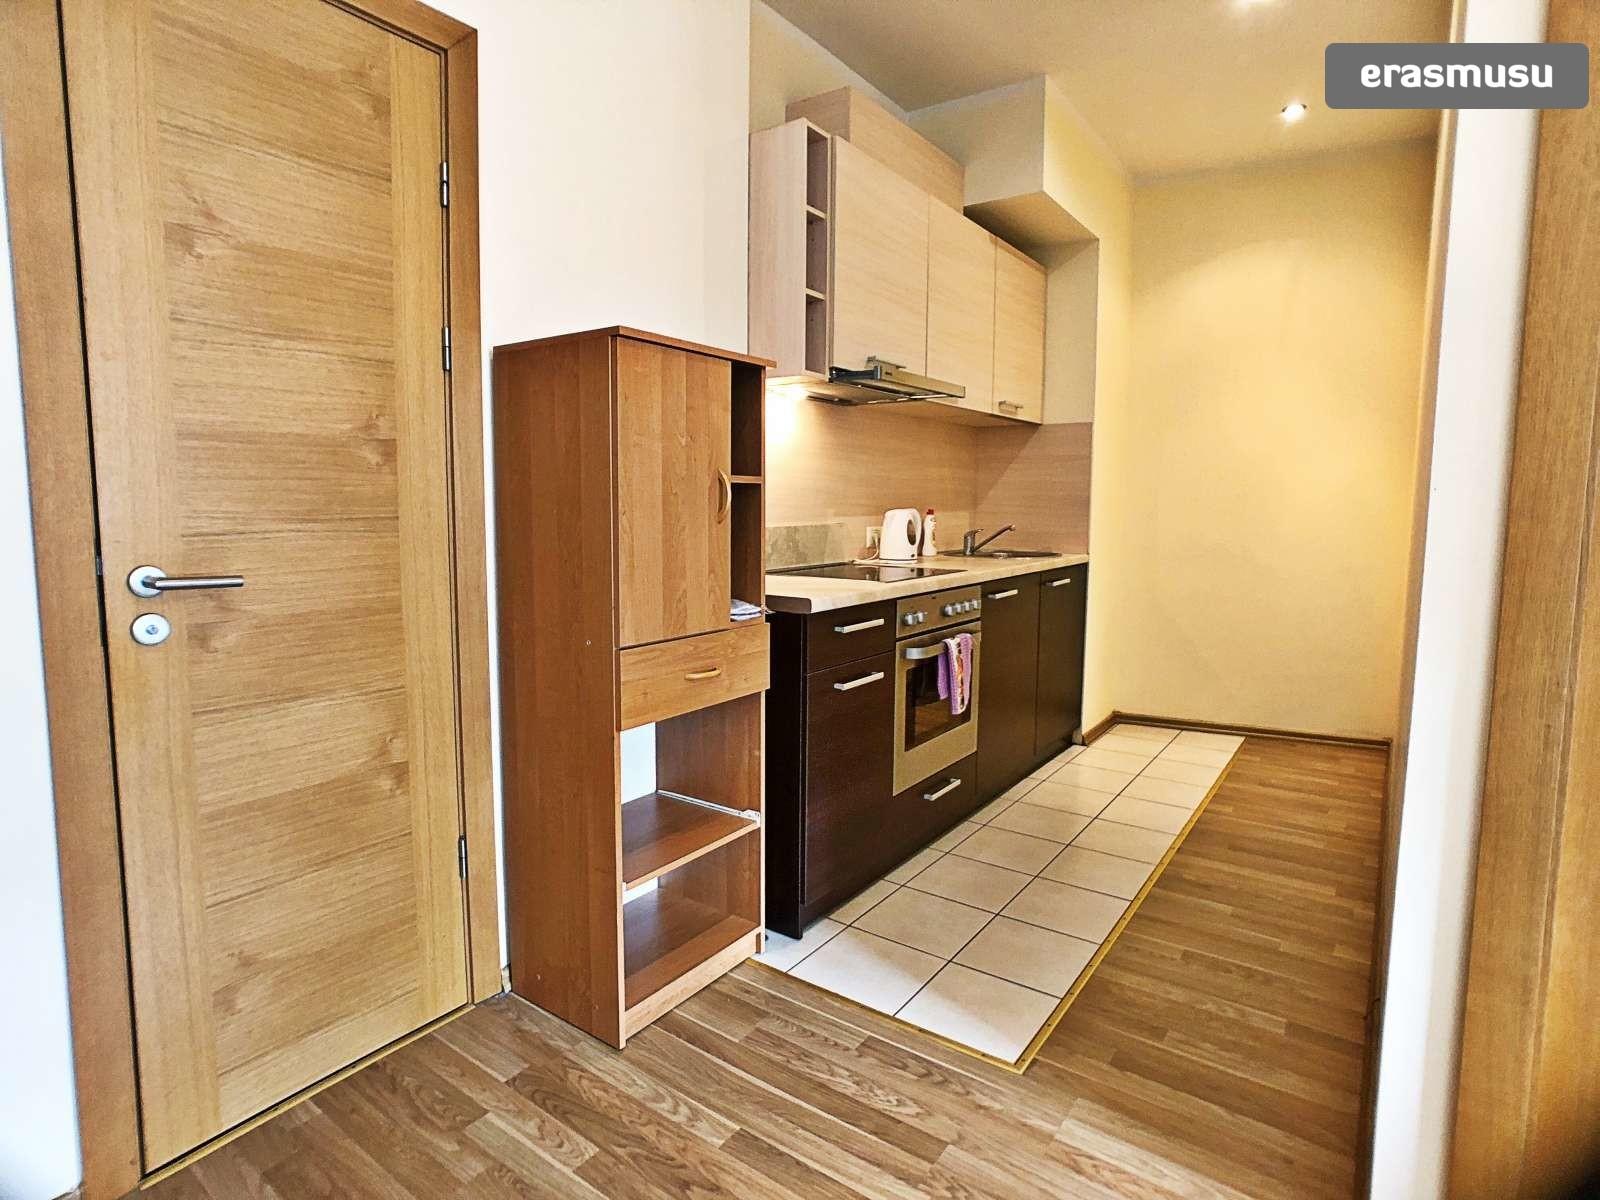 modern-1-bedroom-apartment-rent-maskavas-forstate-6b645373e494fe